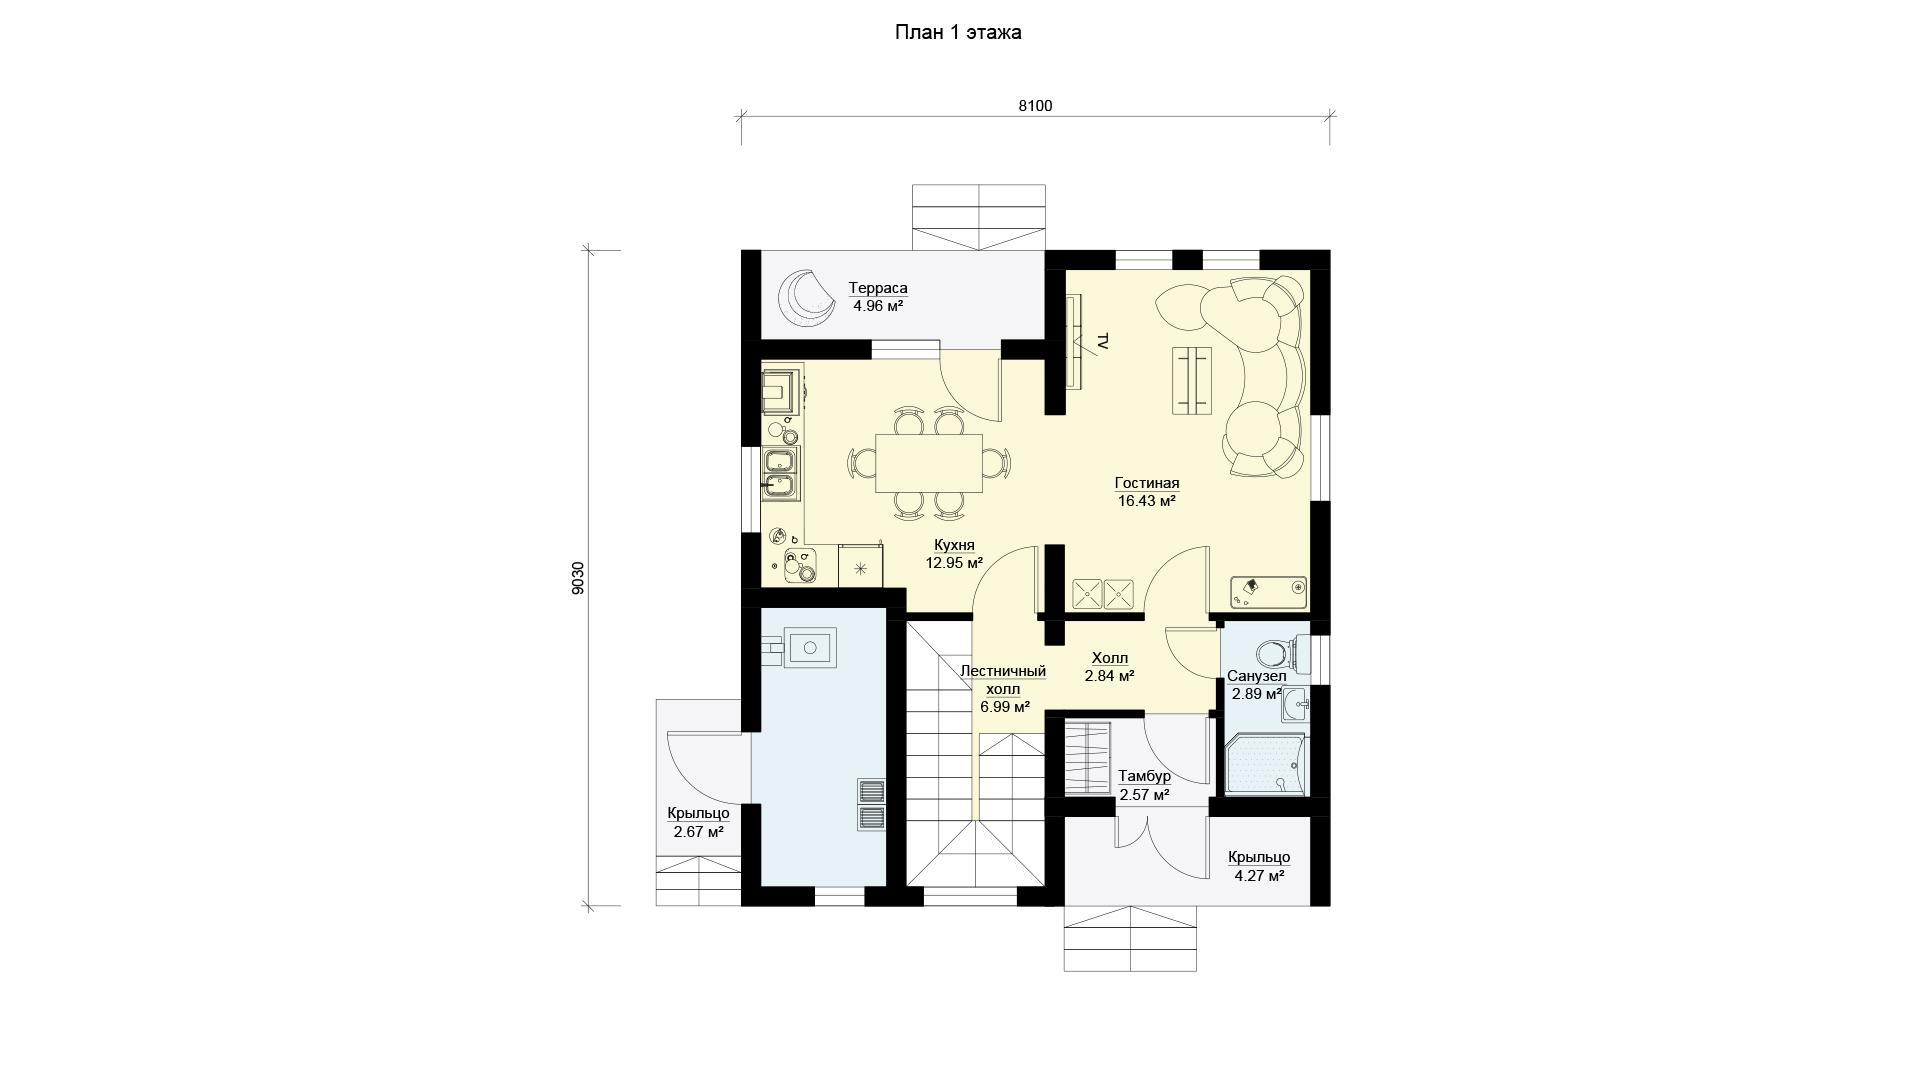 План первого этажа загородного дома 9 на 9 двухэтажного, проект БЭНПАН МС-146 В.